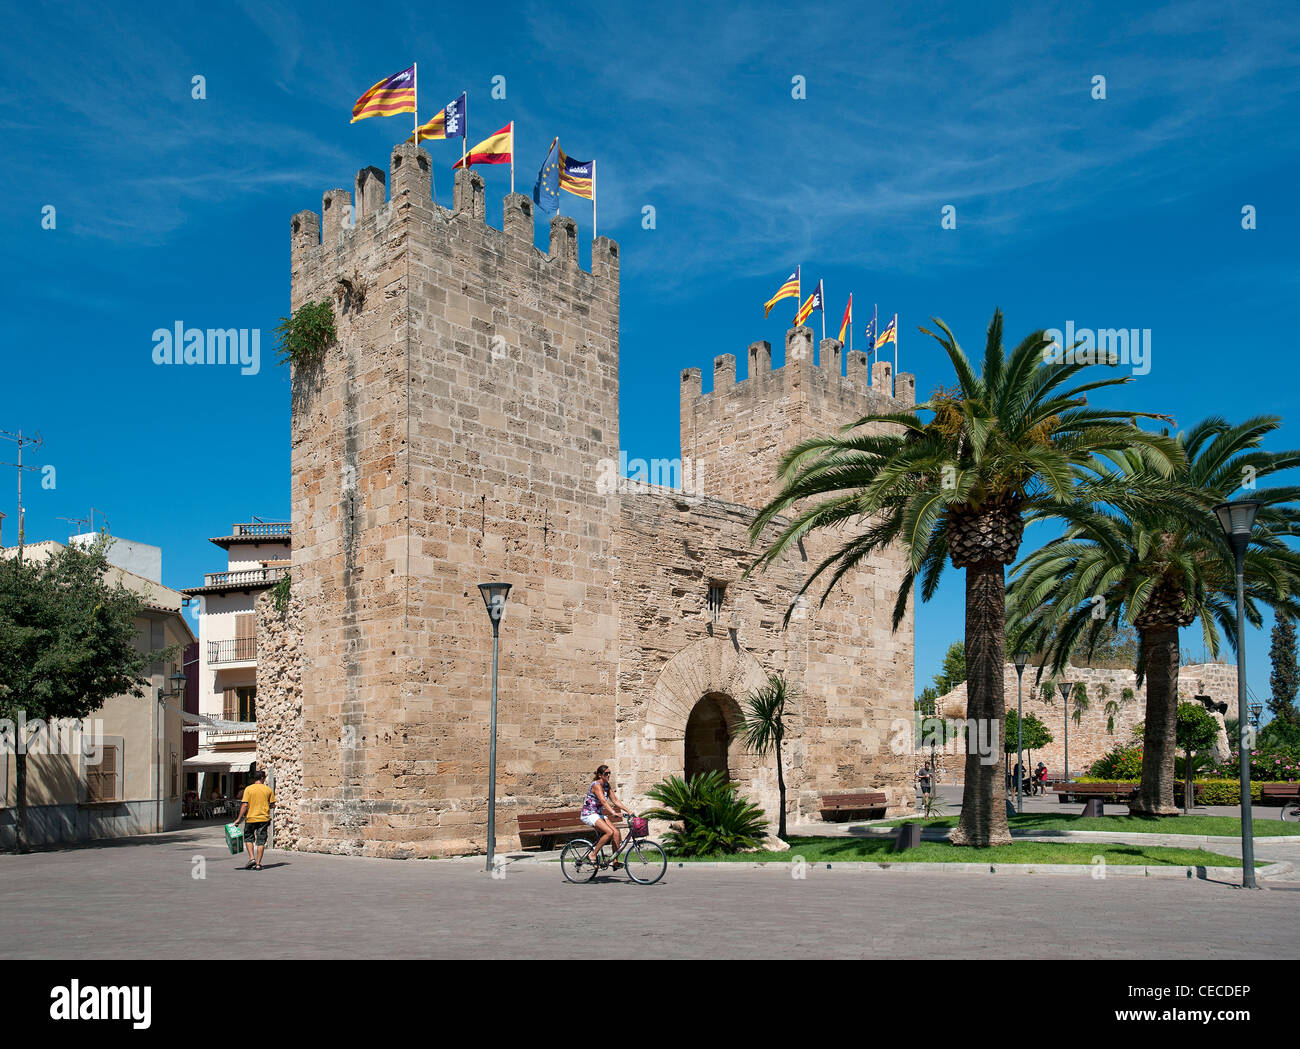 Gate delle mura della città vecchia di Alcudia Town Maiorca Isole Baleari Spagna Immagini Stock